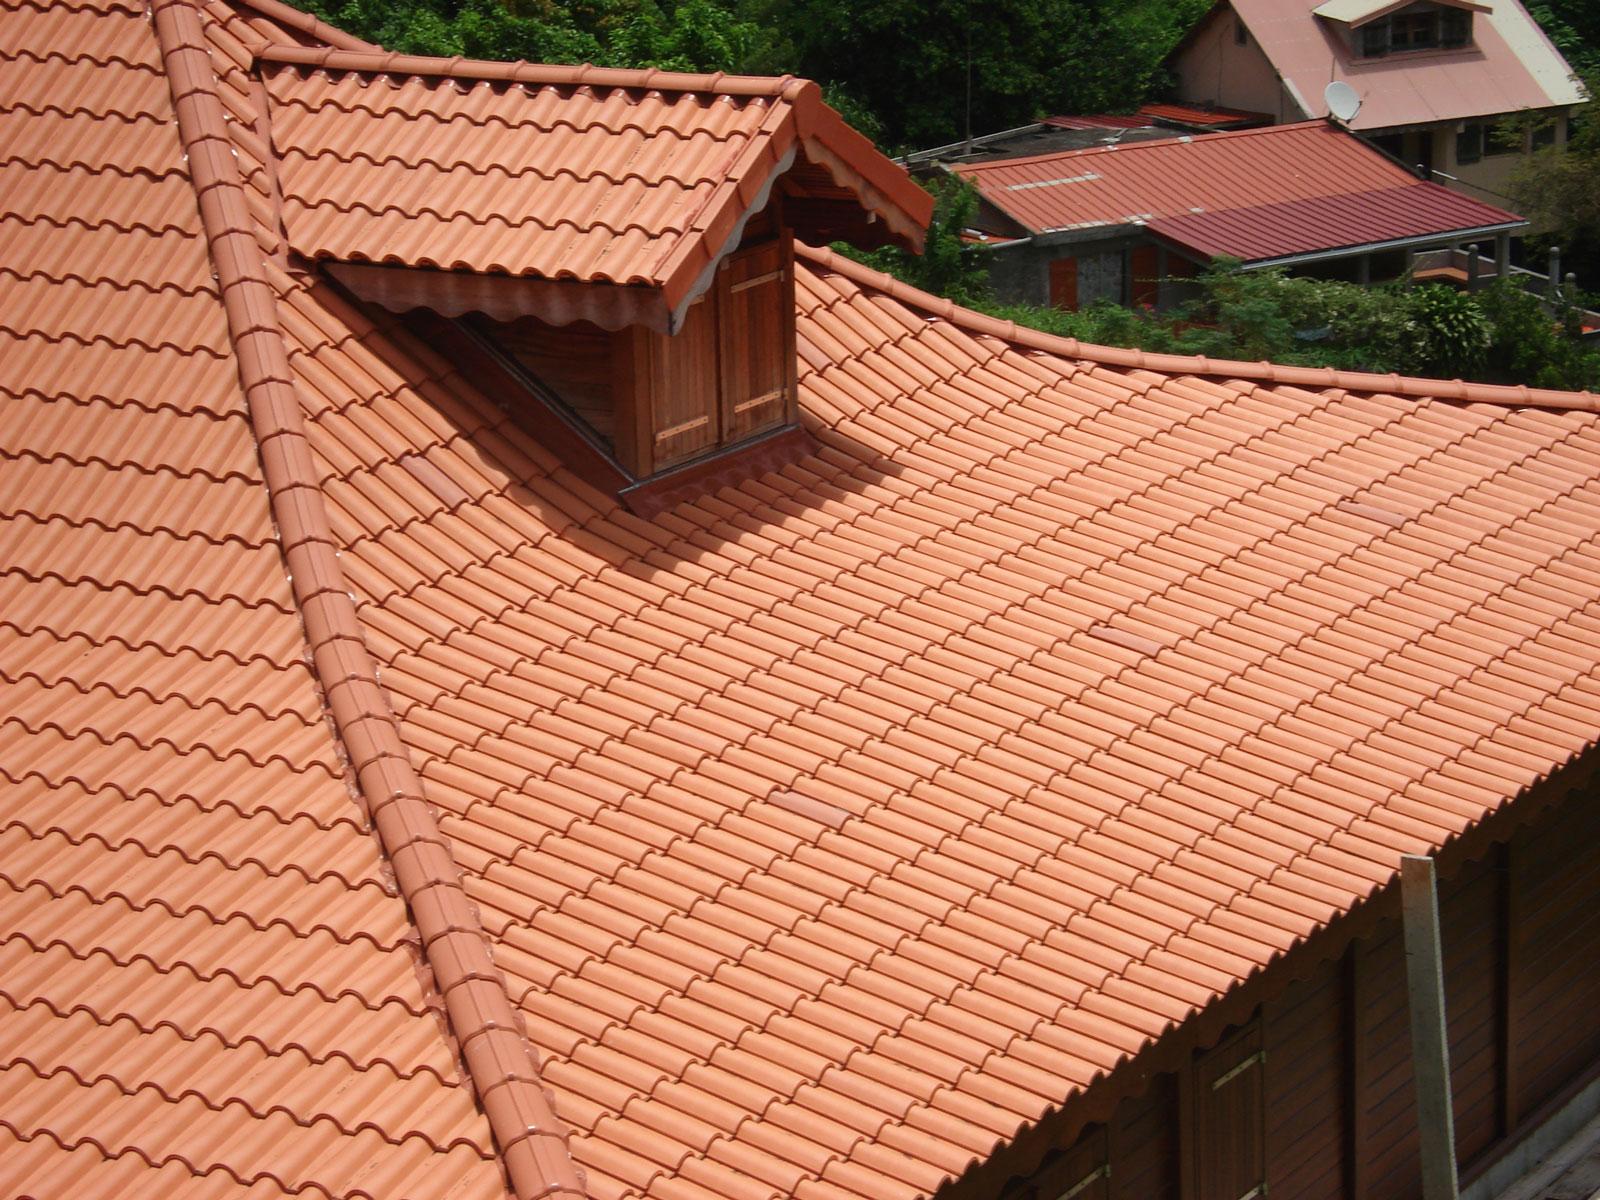 Construir un tejado best desmontar tejado antiguo hacer for Reparar tejados de madera